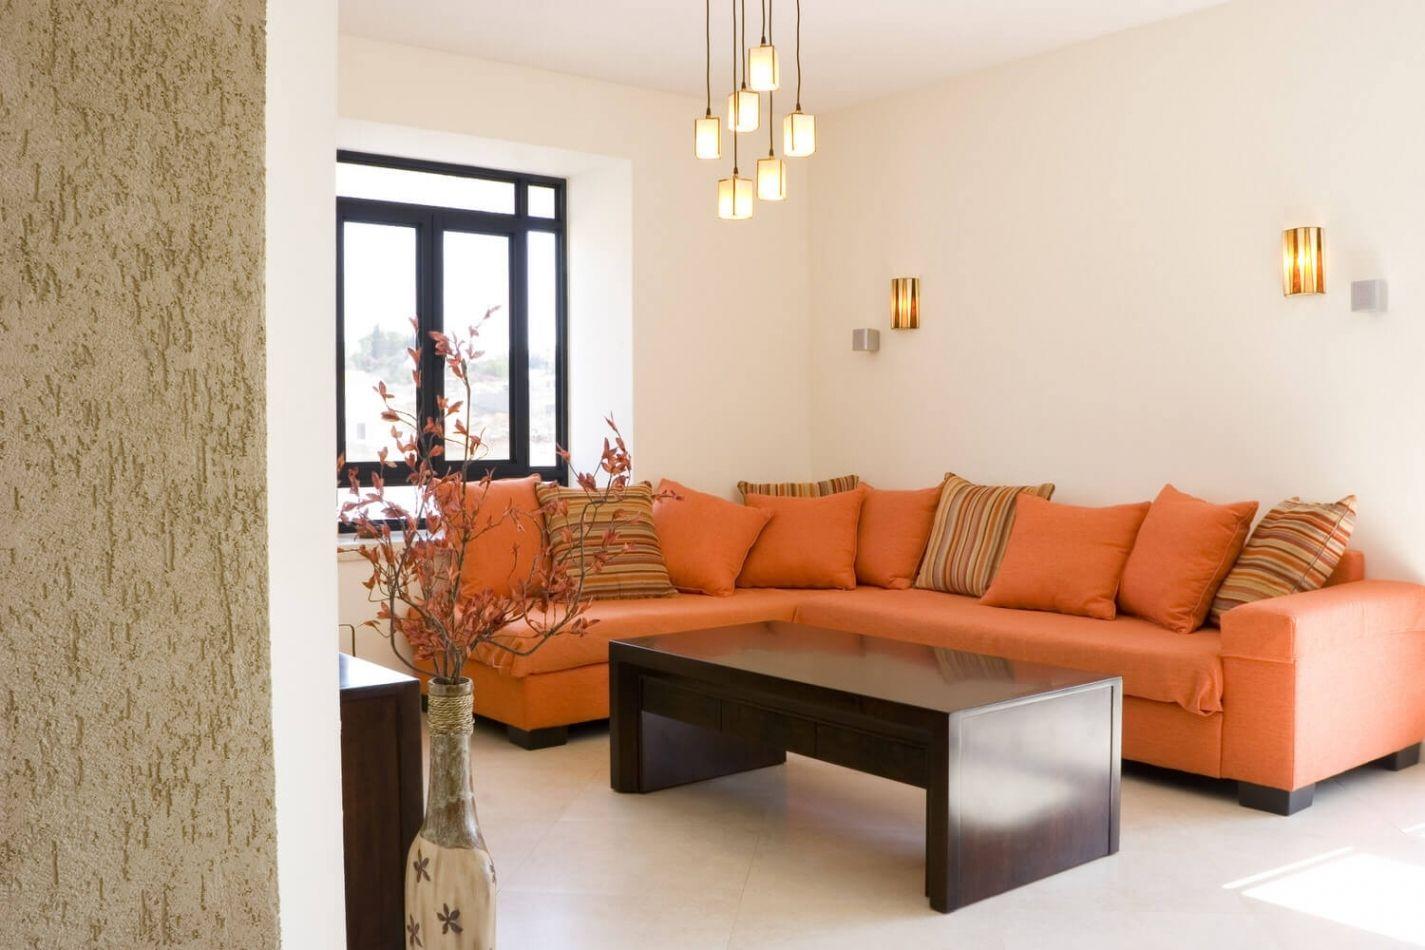 Wunderschöne Wohnzimmer Nach Feng Shui (mit Bildern